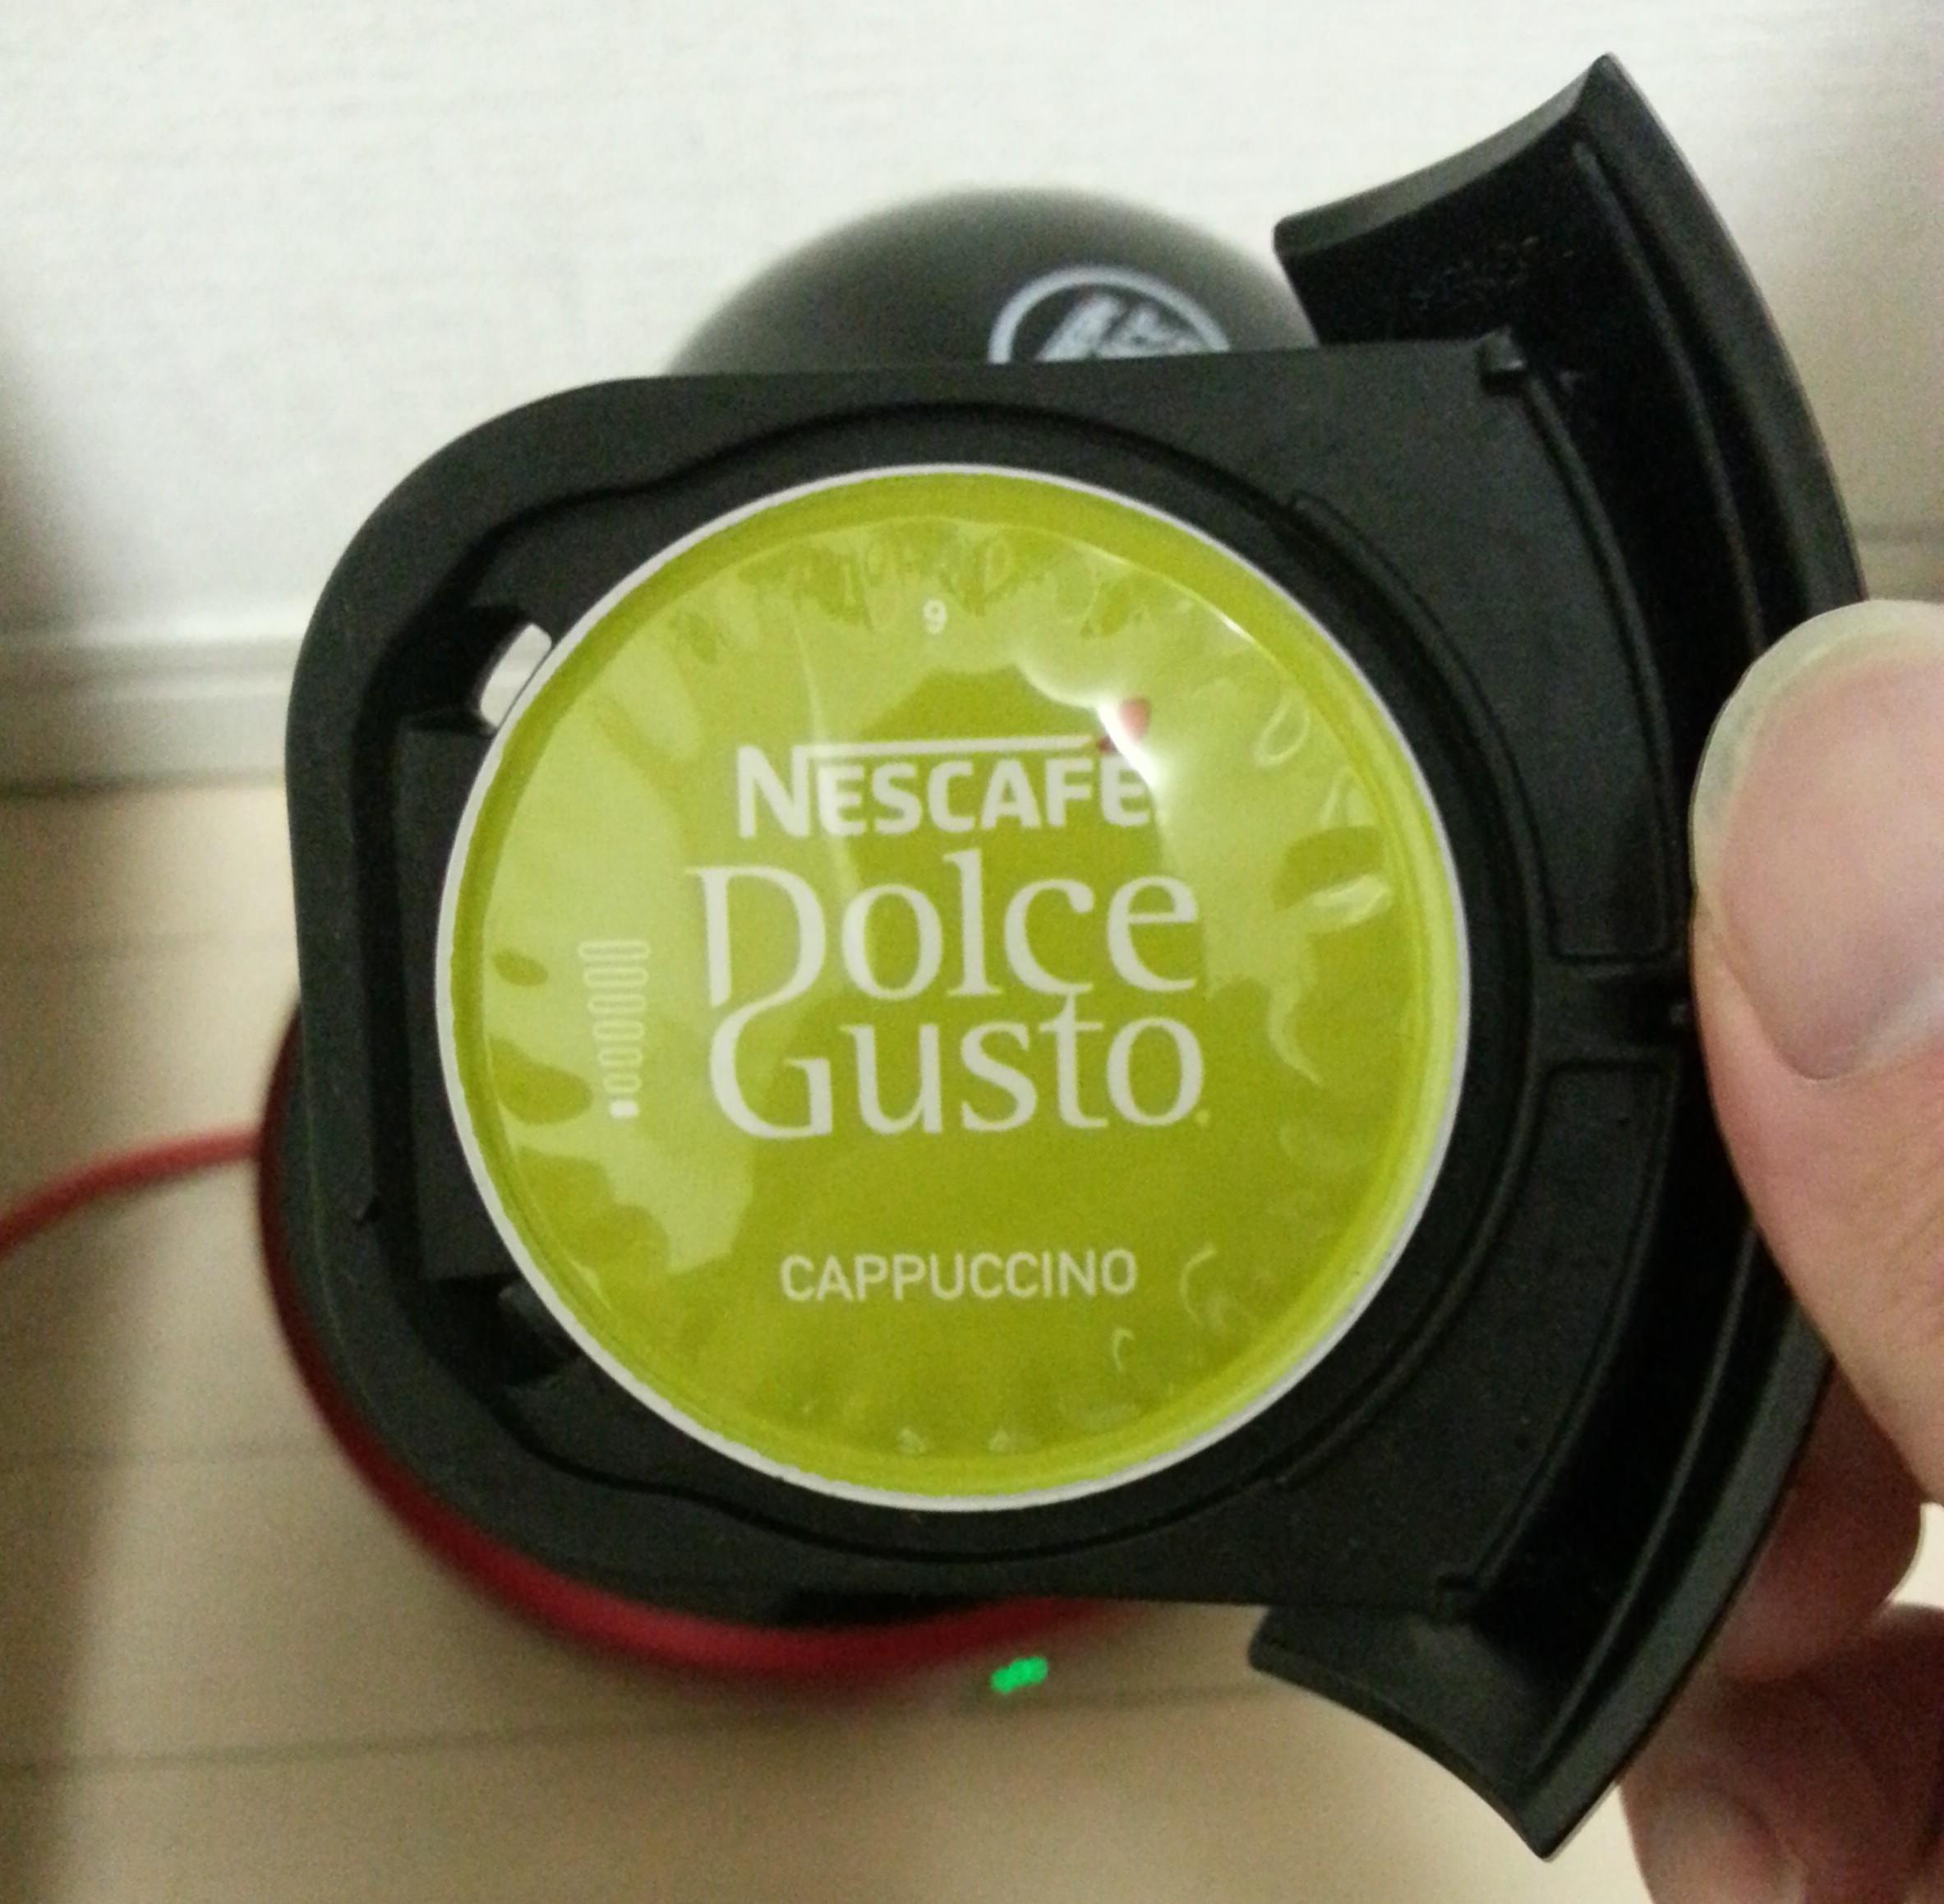 nescafe-dolcegusto-cappuccino6